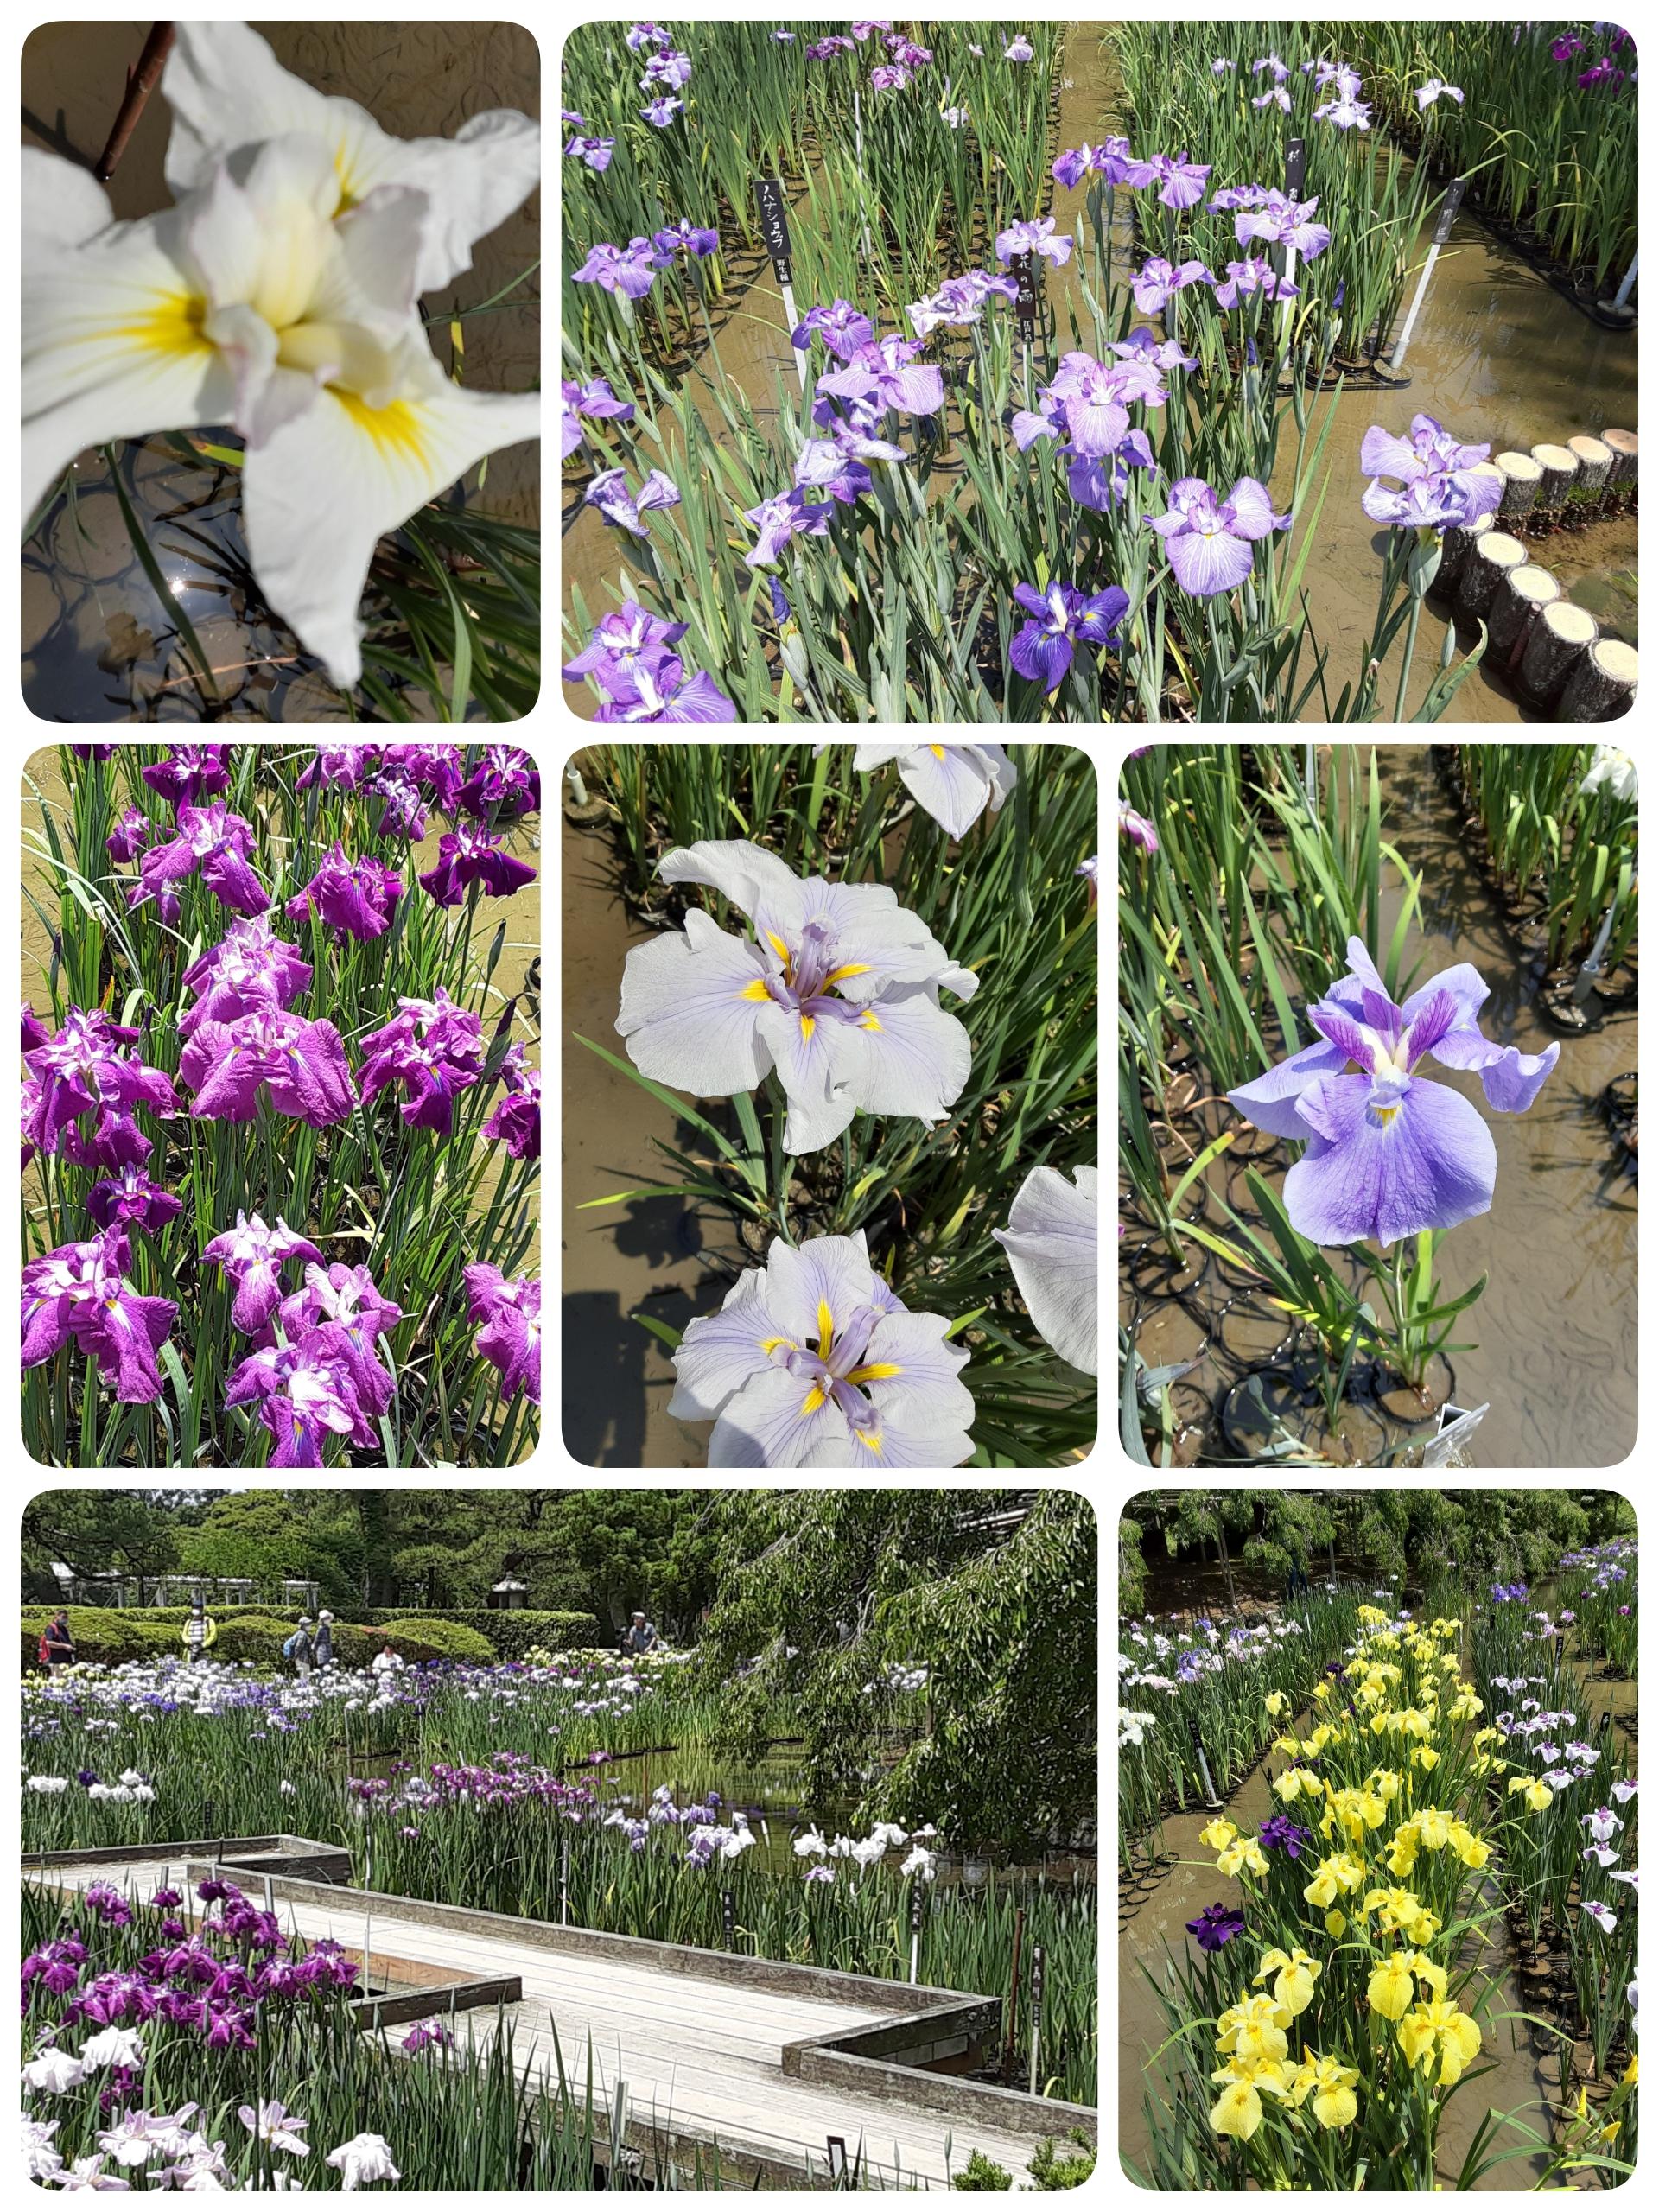 初夏の花、ハナショウブを見に府立植物園へいきました🎶💜💛💚